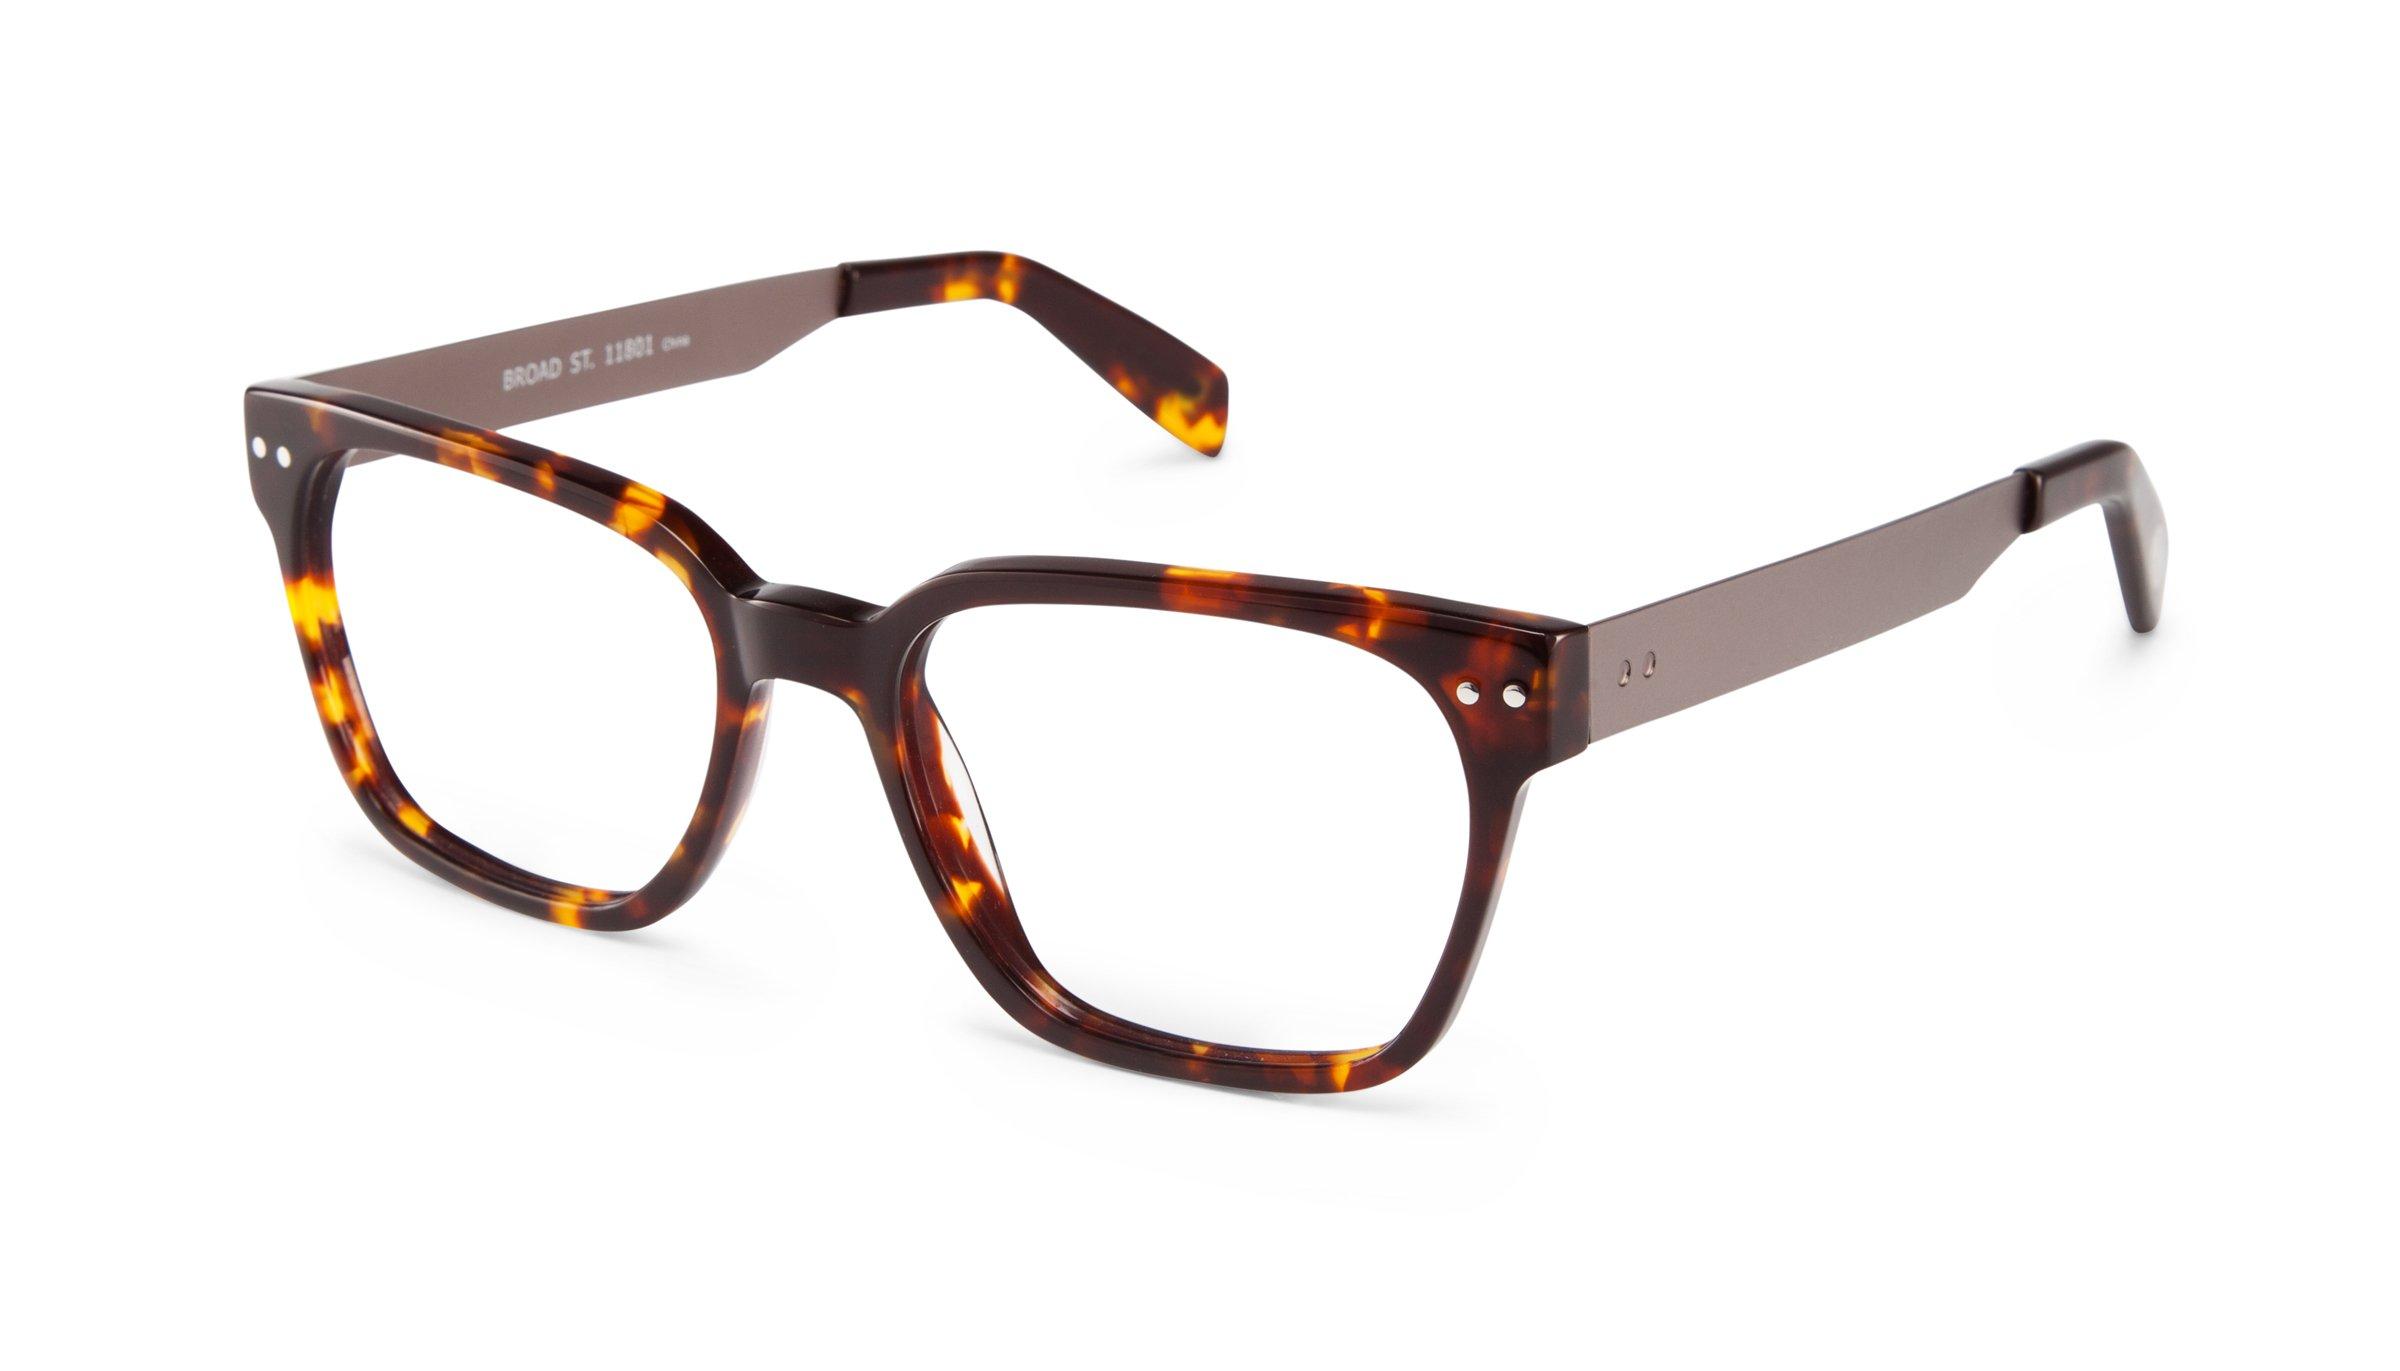 Scojo New York BROAD Street Tortoise/Gunmetal Reading Glasses (+1.75 Magnification Power)